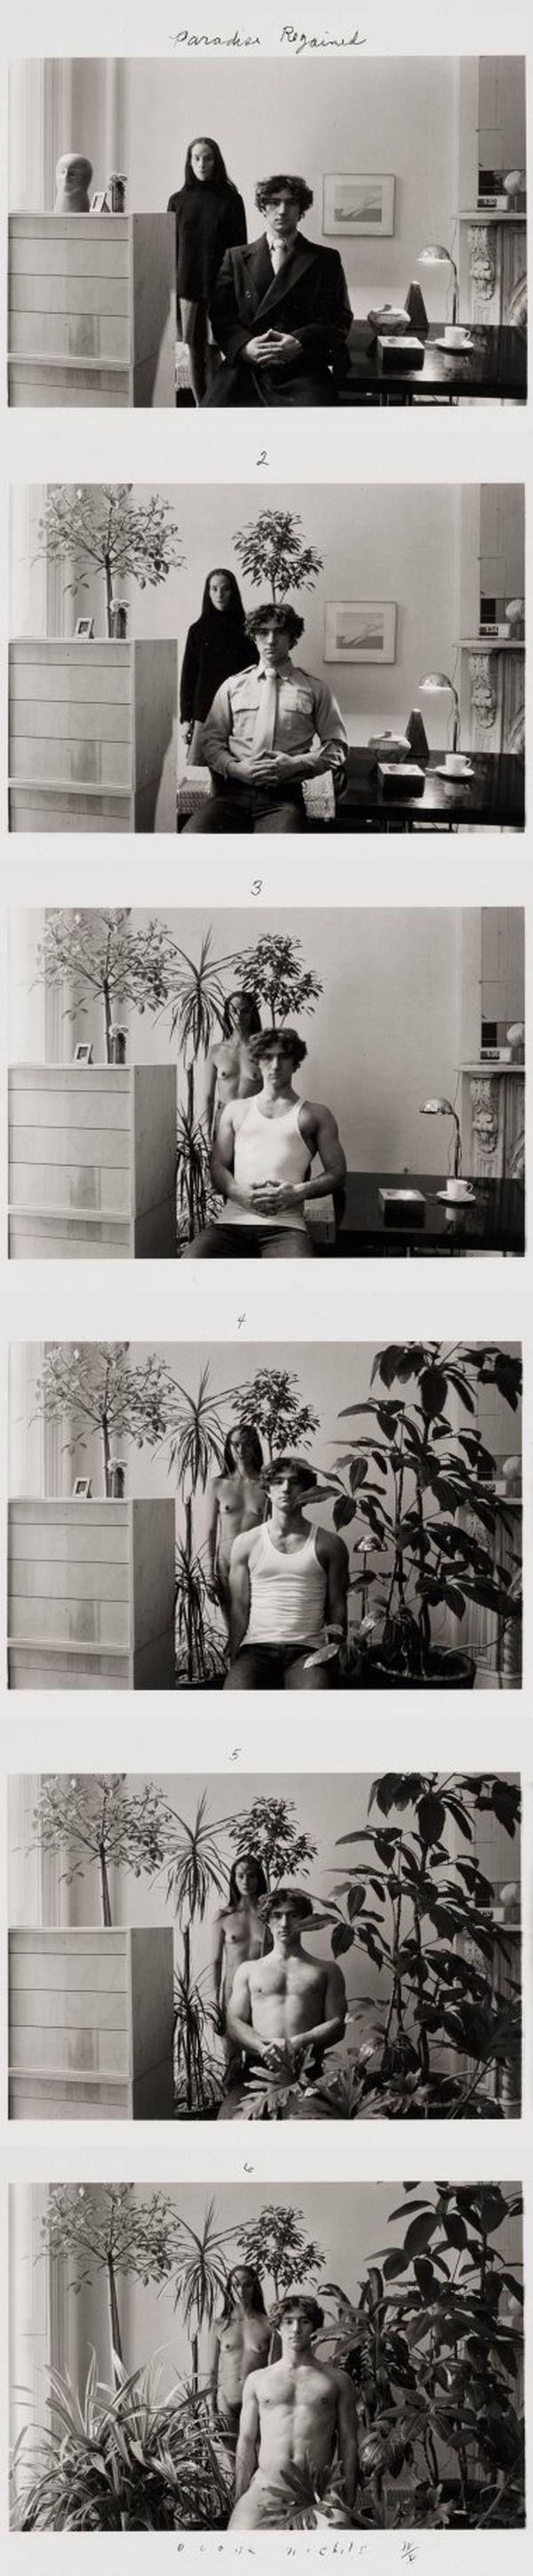 Les séquences photographiques de Duane Michals sequence photographie duane mickeals 07